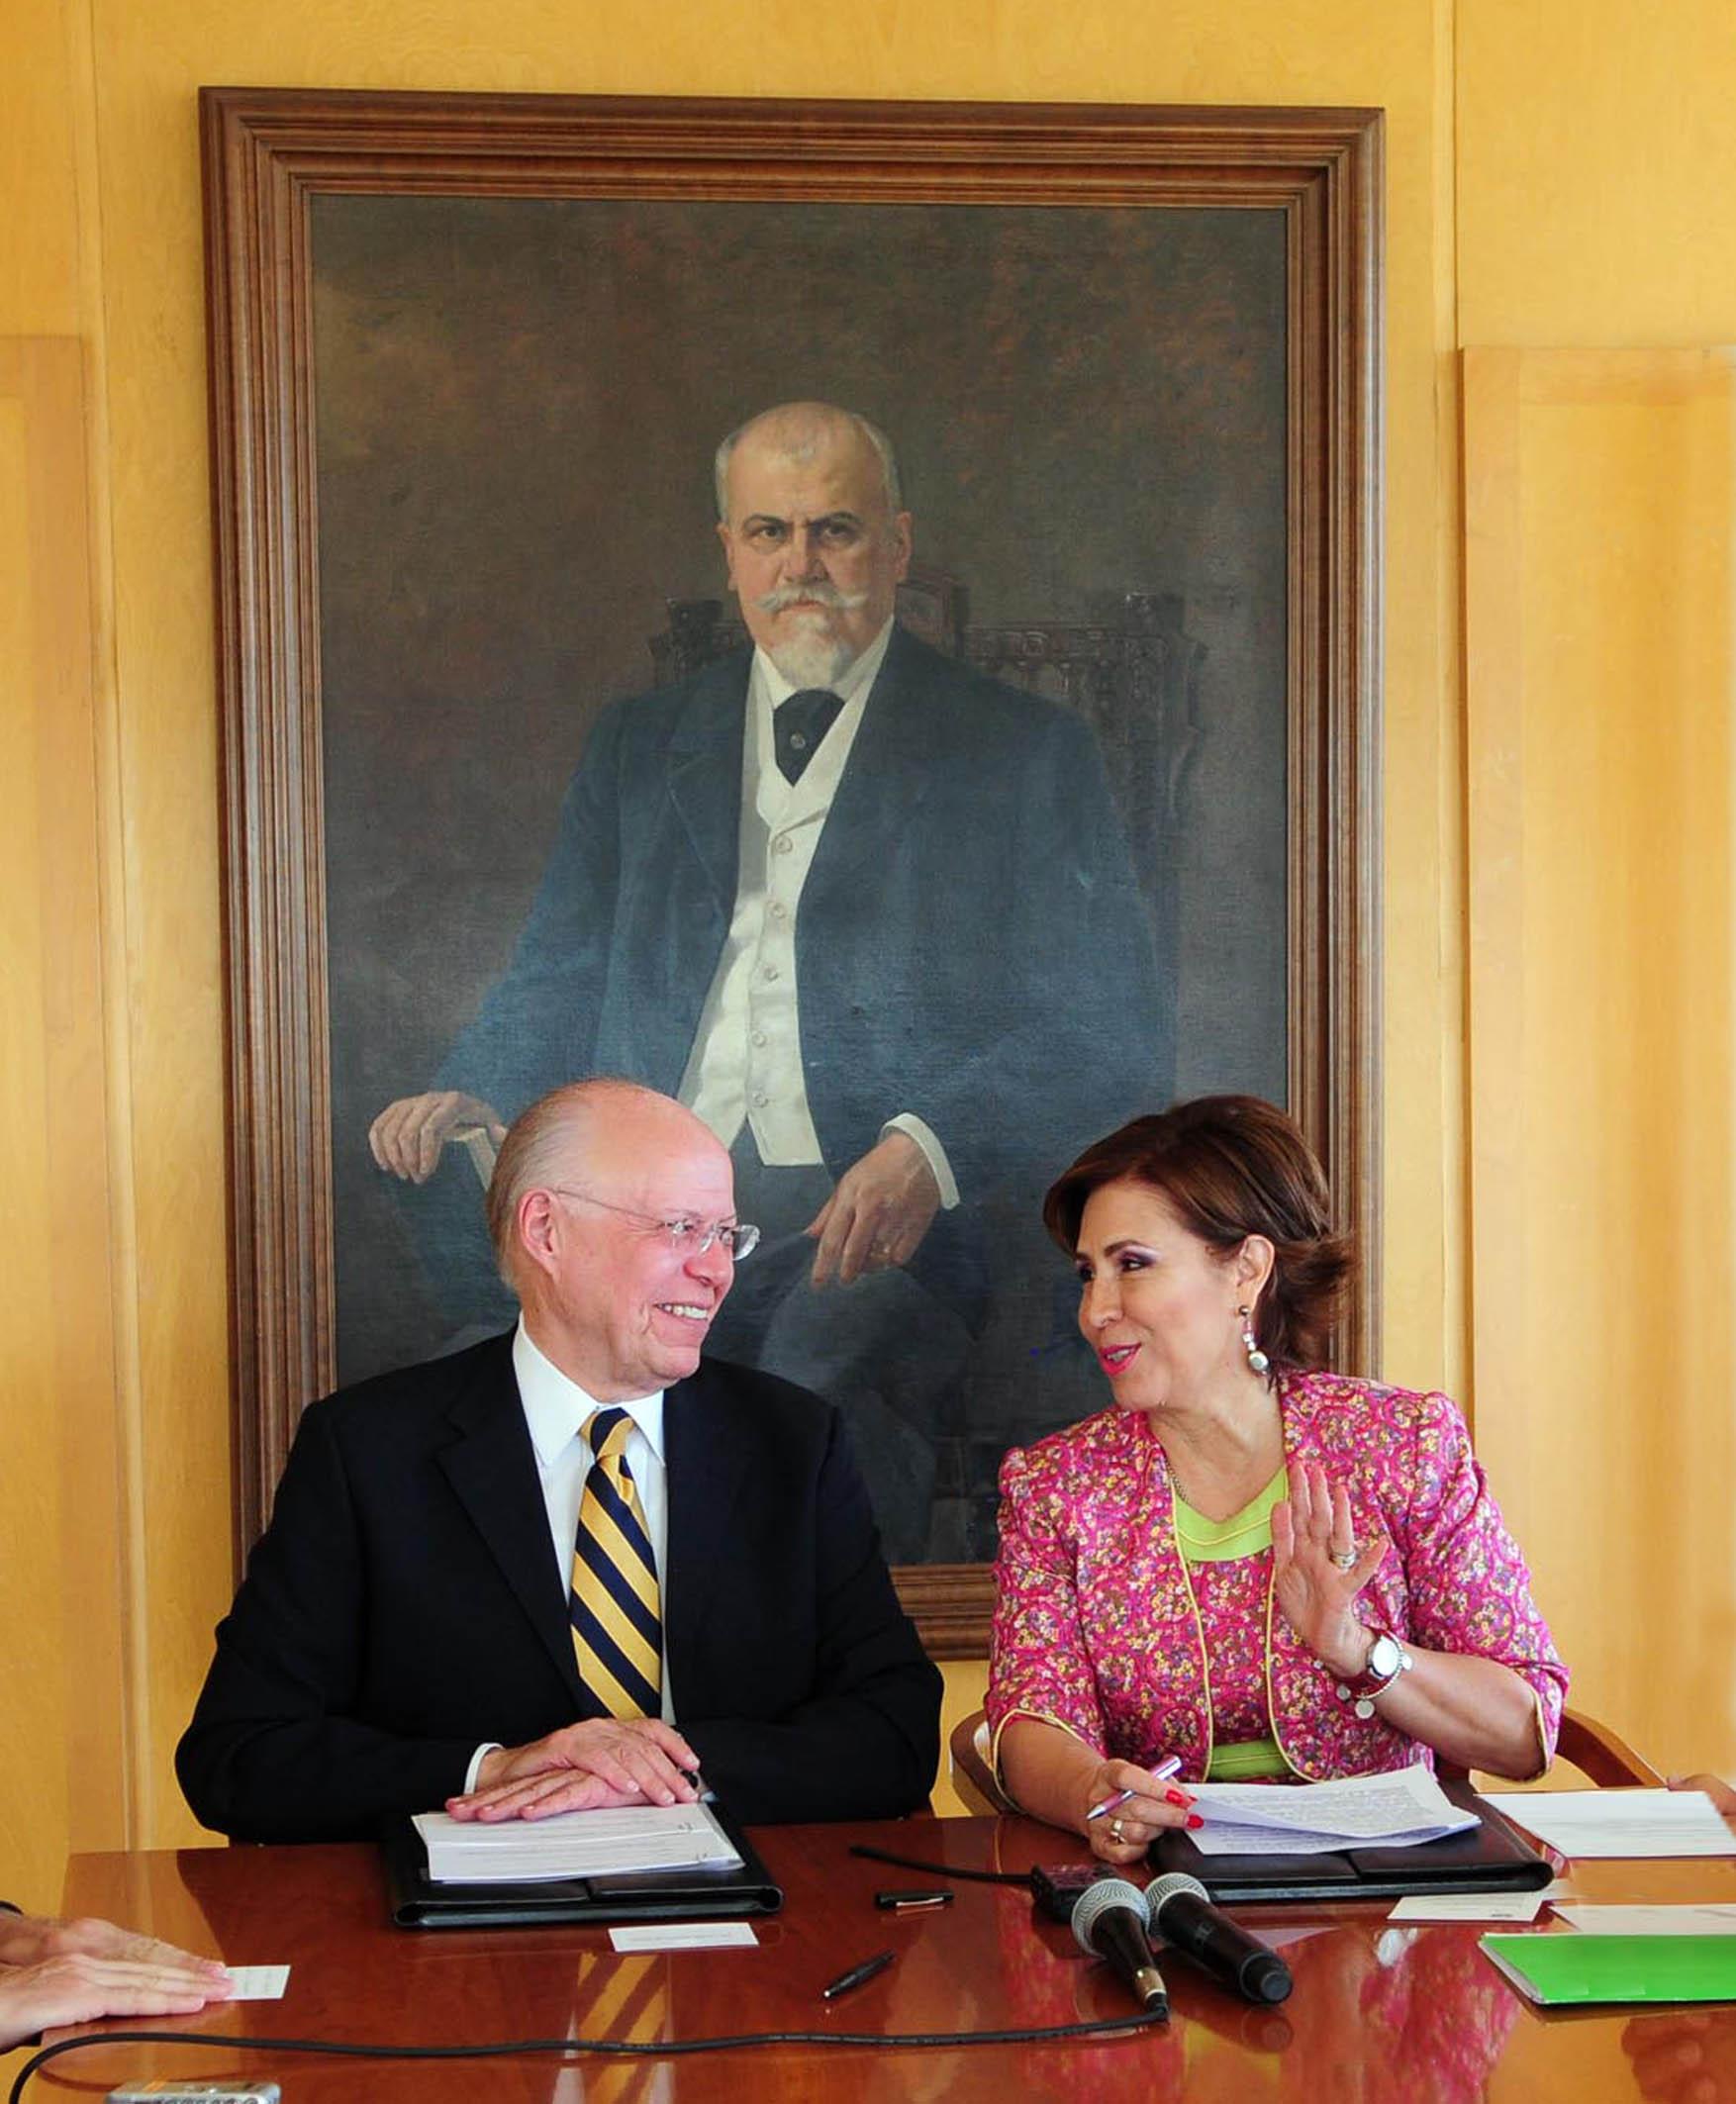 Rosario Robles Noticias: UNAM Y SEDESOL UNEN ESFUERZOS PARA COMBATIR LA POBREZA EN